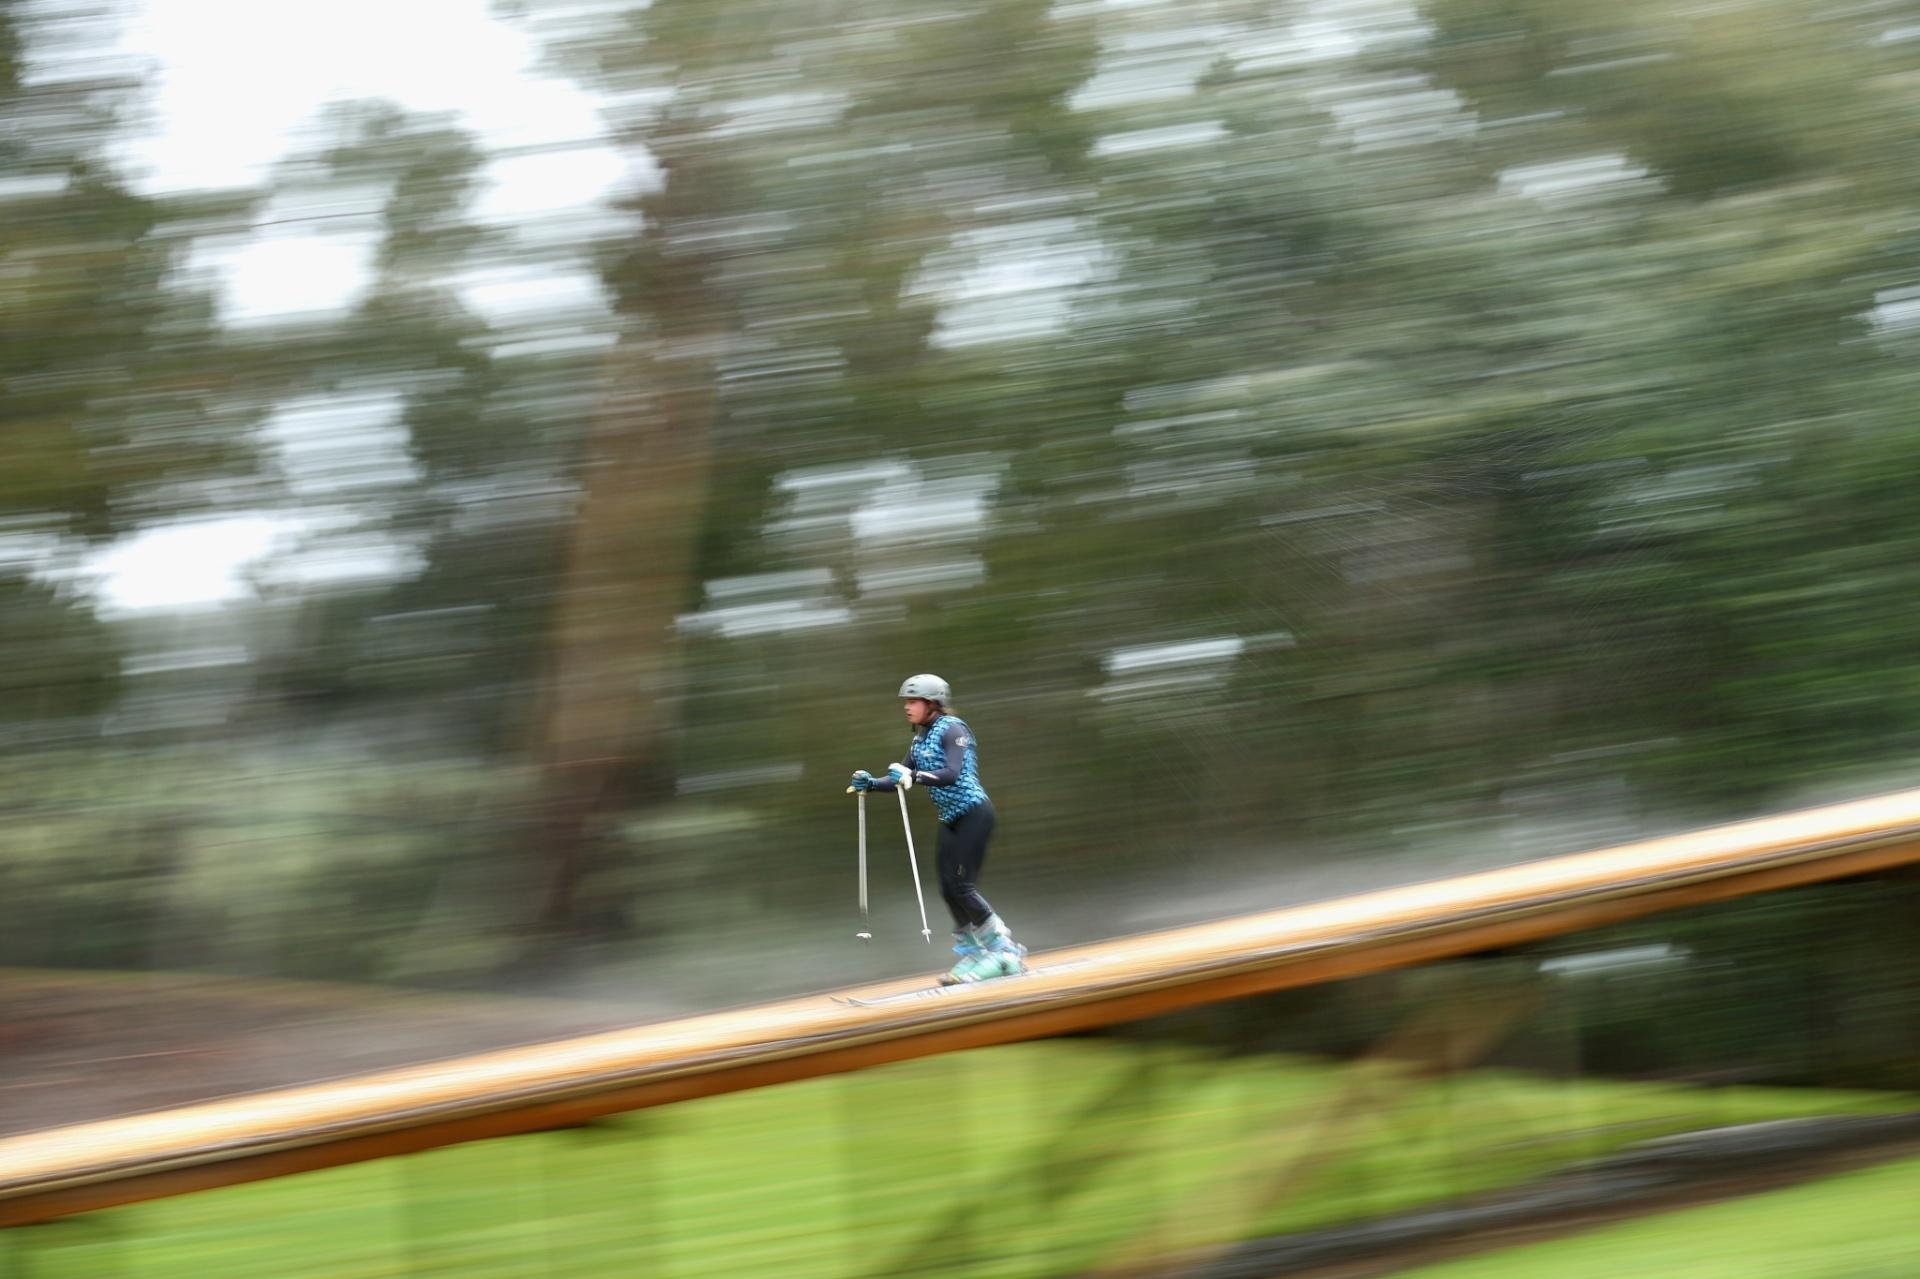 Britt Cox desce uma grande rampa durante treinamento da seleção australiana de Esqui, em Melbourne; atletas da modalidade Freestyle (Estilo livre) da Austrália se adaptaram ao verão do país e improvisaram equipamentos para simular a neve, como modo de preparação para as Olimpíadas da Inverno na Rússia